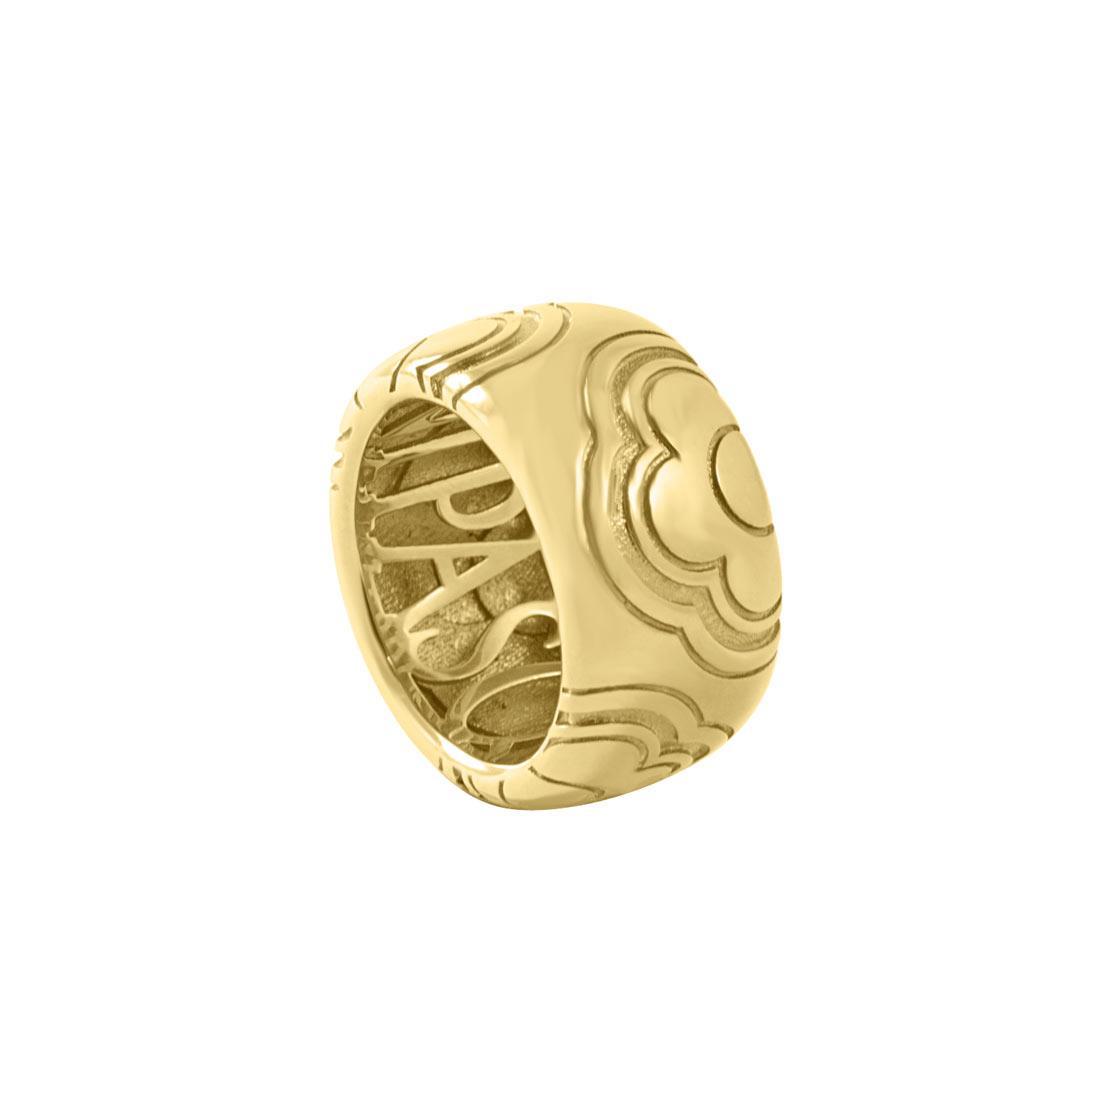 Anello  in oro giallo, misura 15 - PASQUALE BRUNI